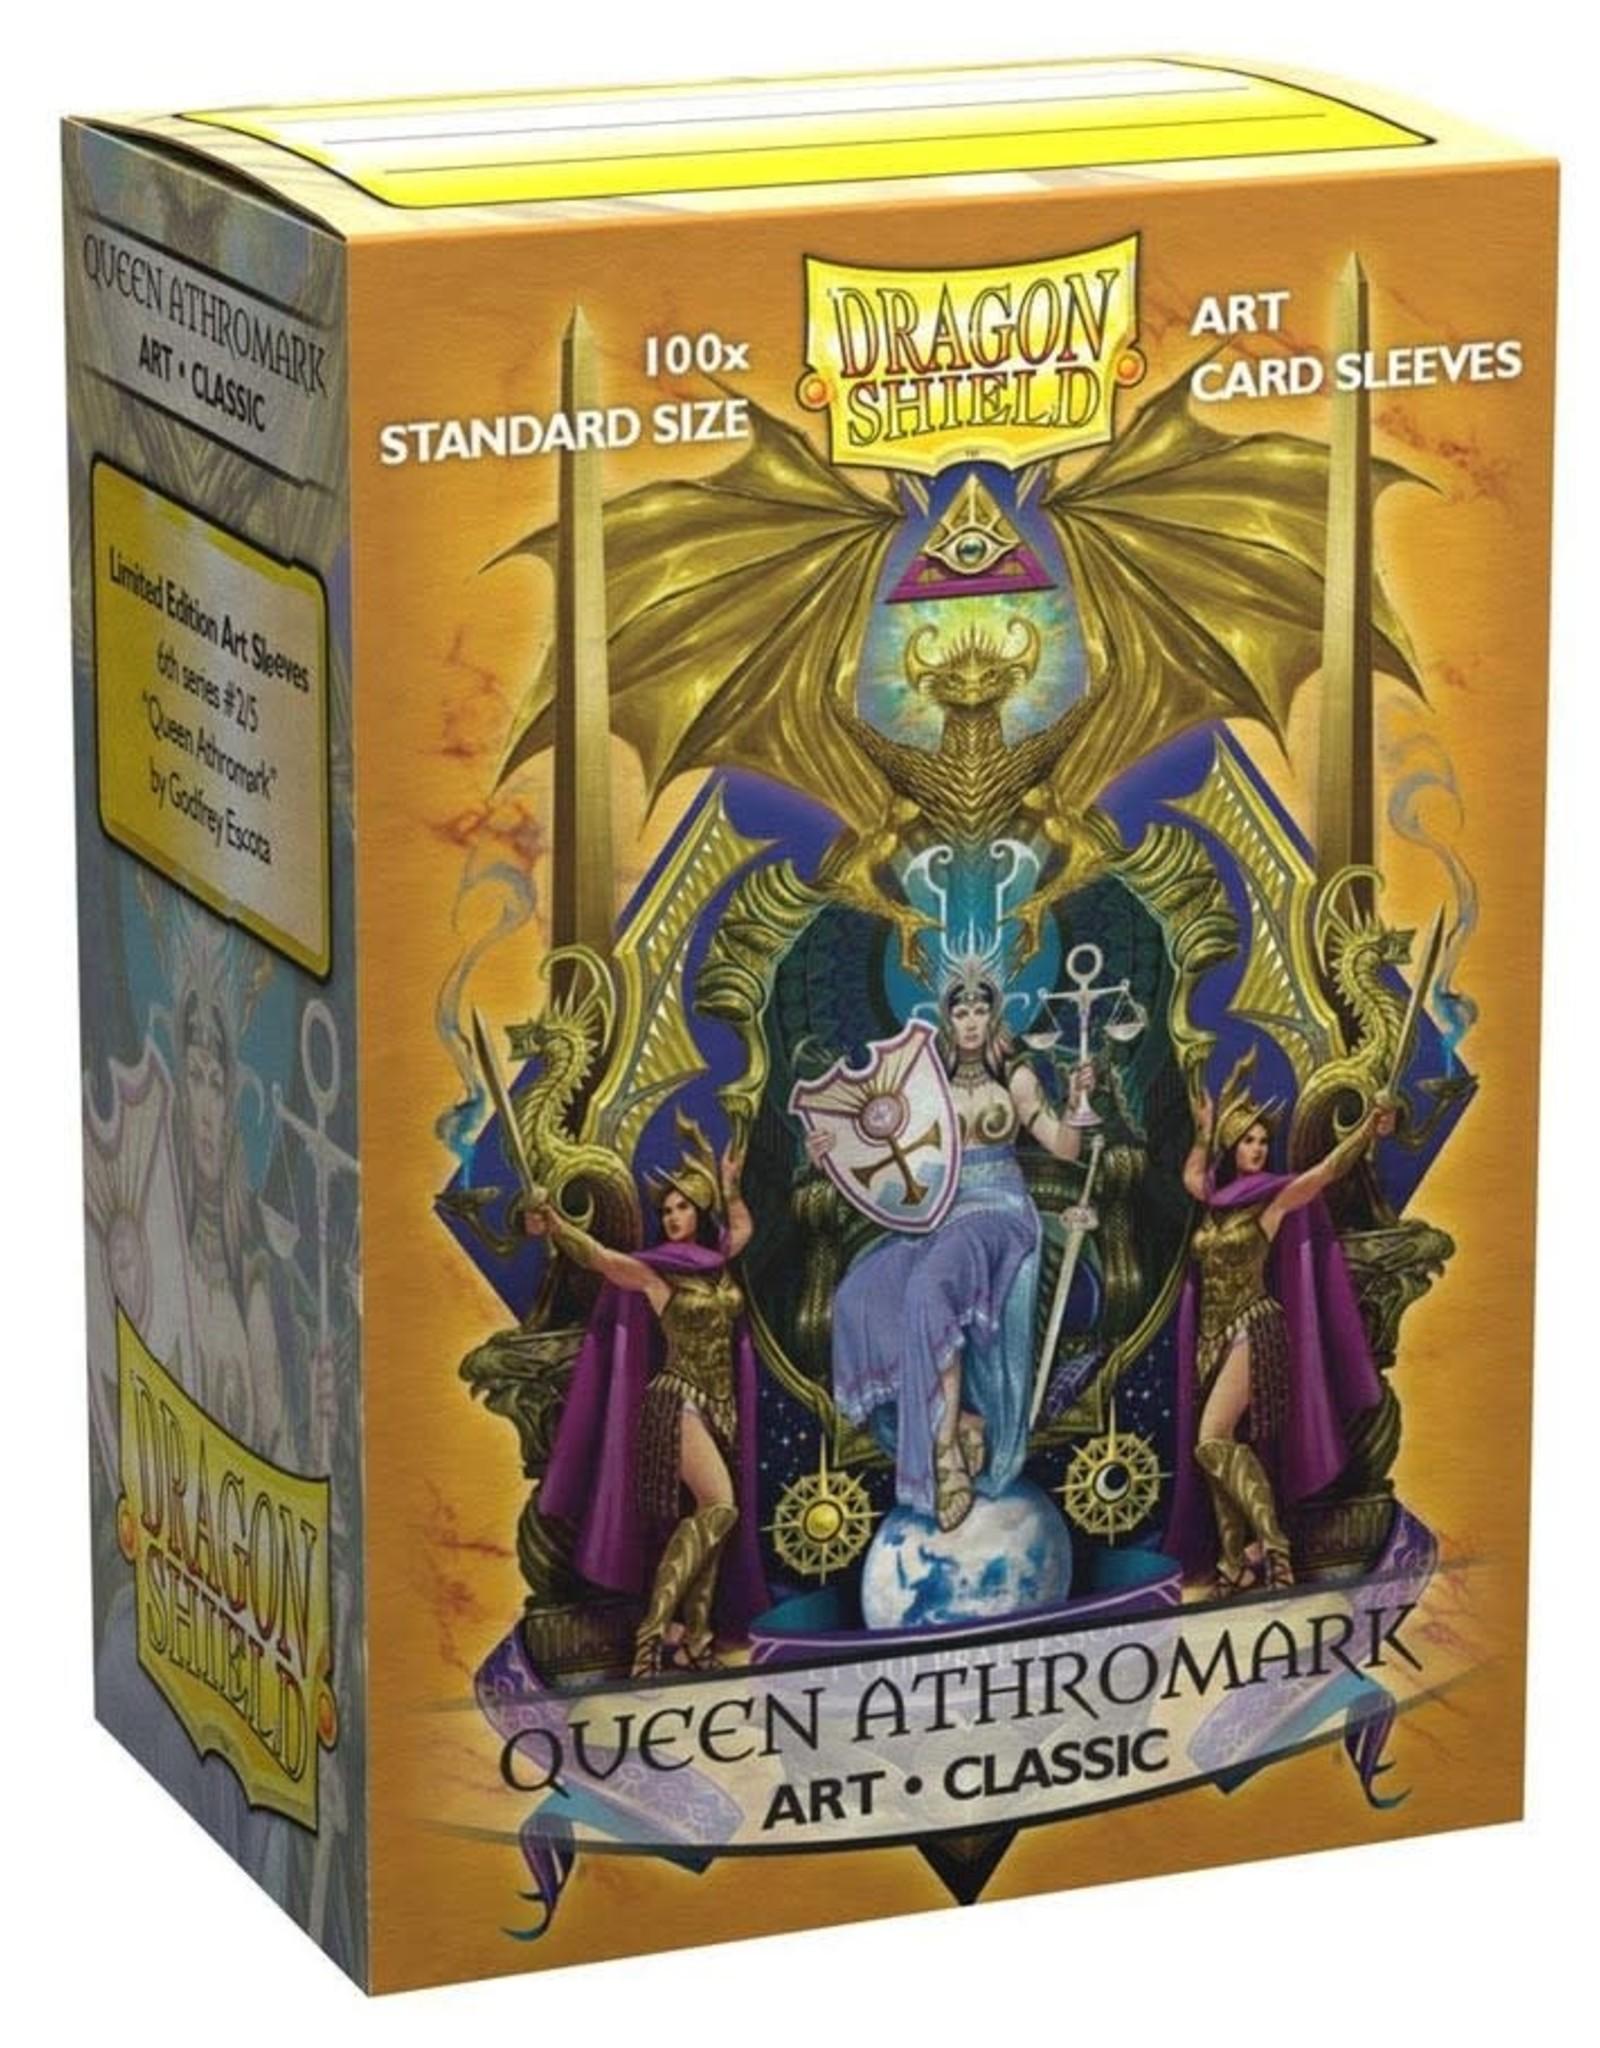 Arcane Tinmen Deck Protectors: Dragon Shield Matte Art (100) Queen Athromark